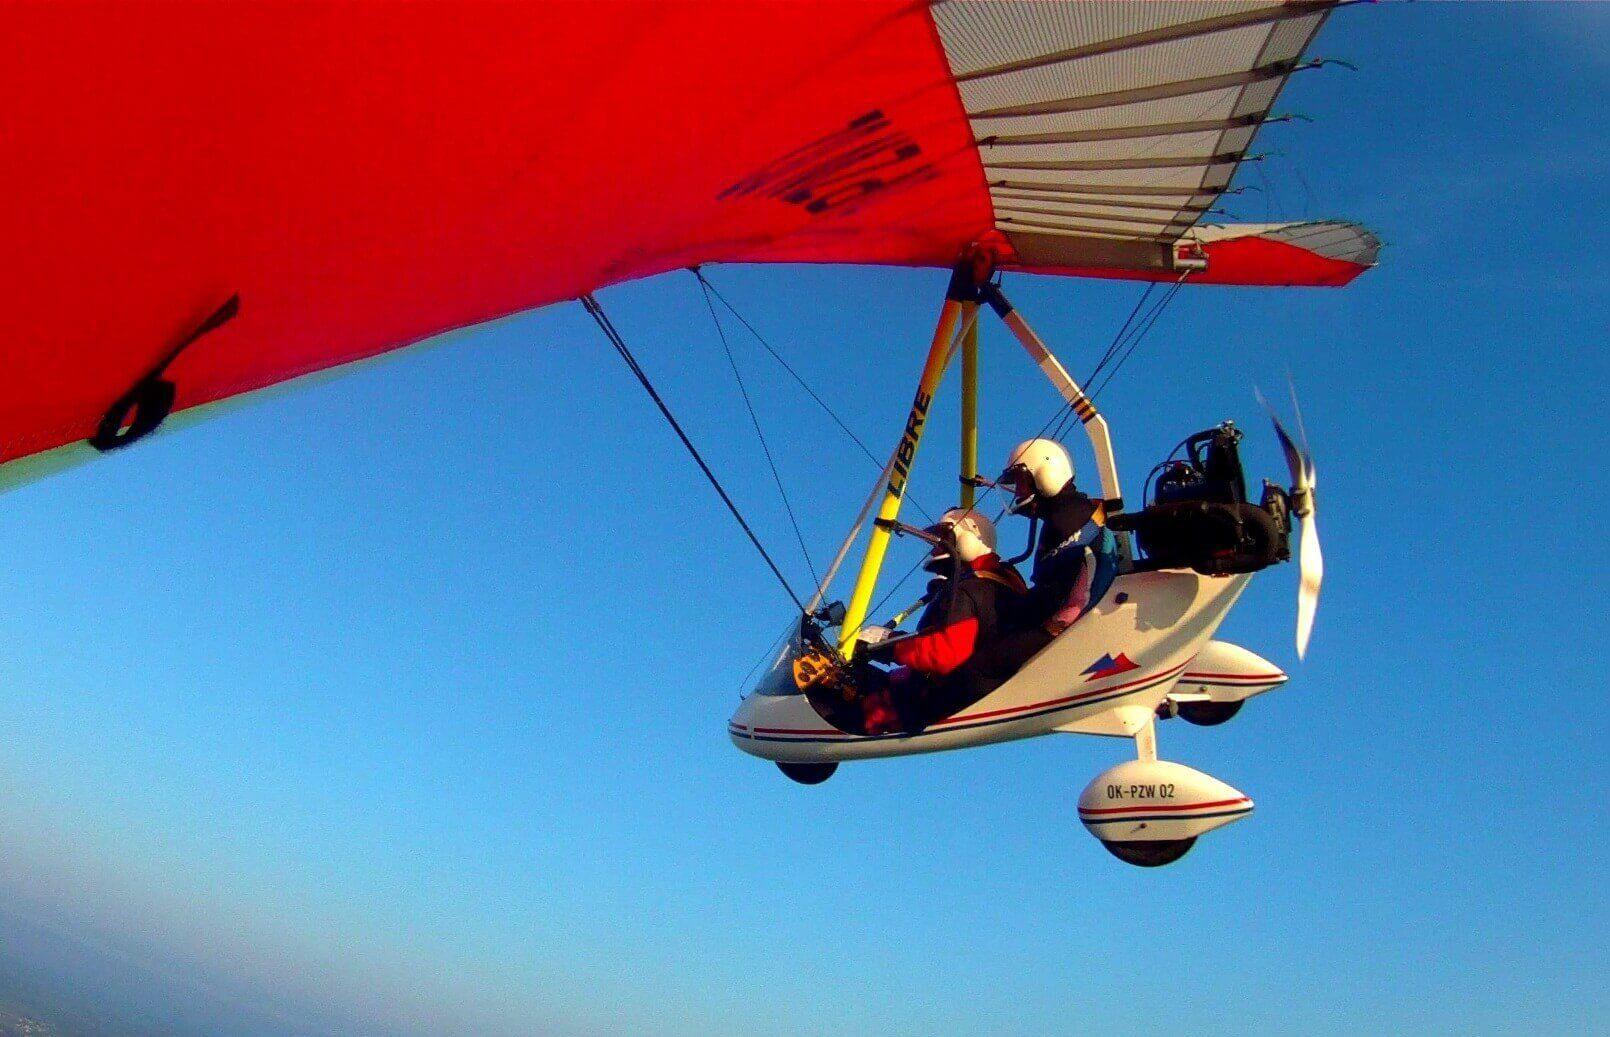 Lot motolotnią w tandemie wraz z filmem z lotu